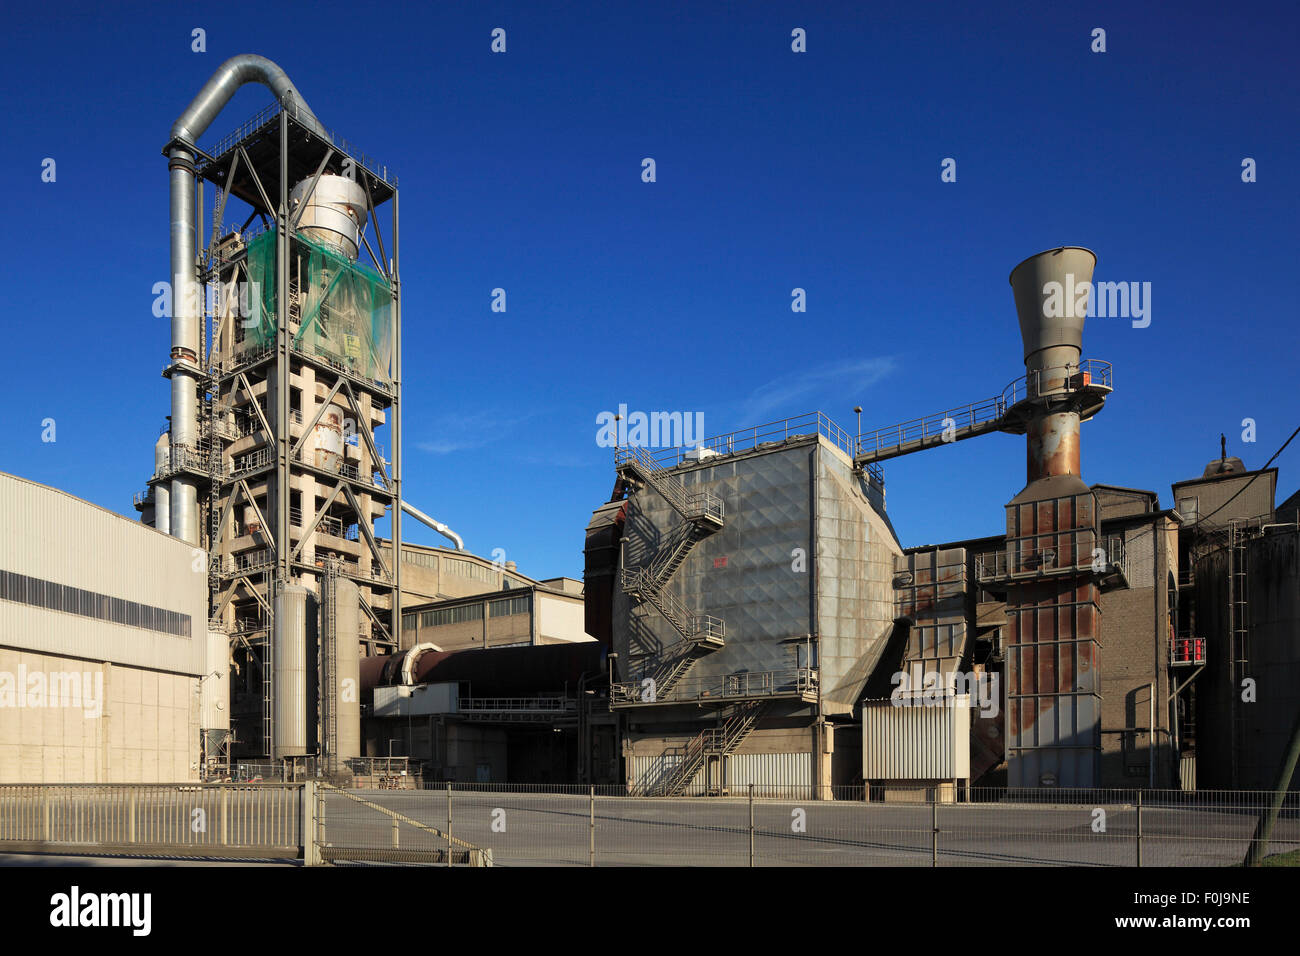 Bauindustrie, Phoenix Zementwerke Krogbeumker in Beckum, Muensterland, Nordrhein-Westfalen - Stock Image